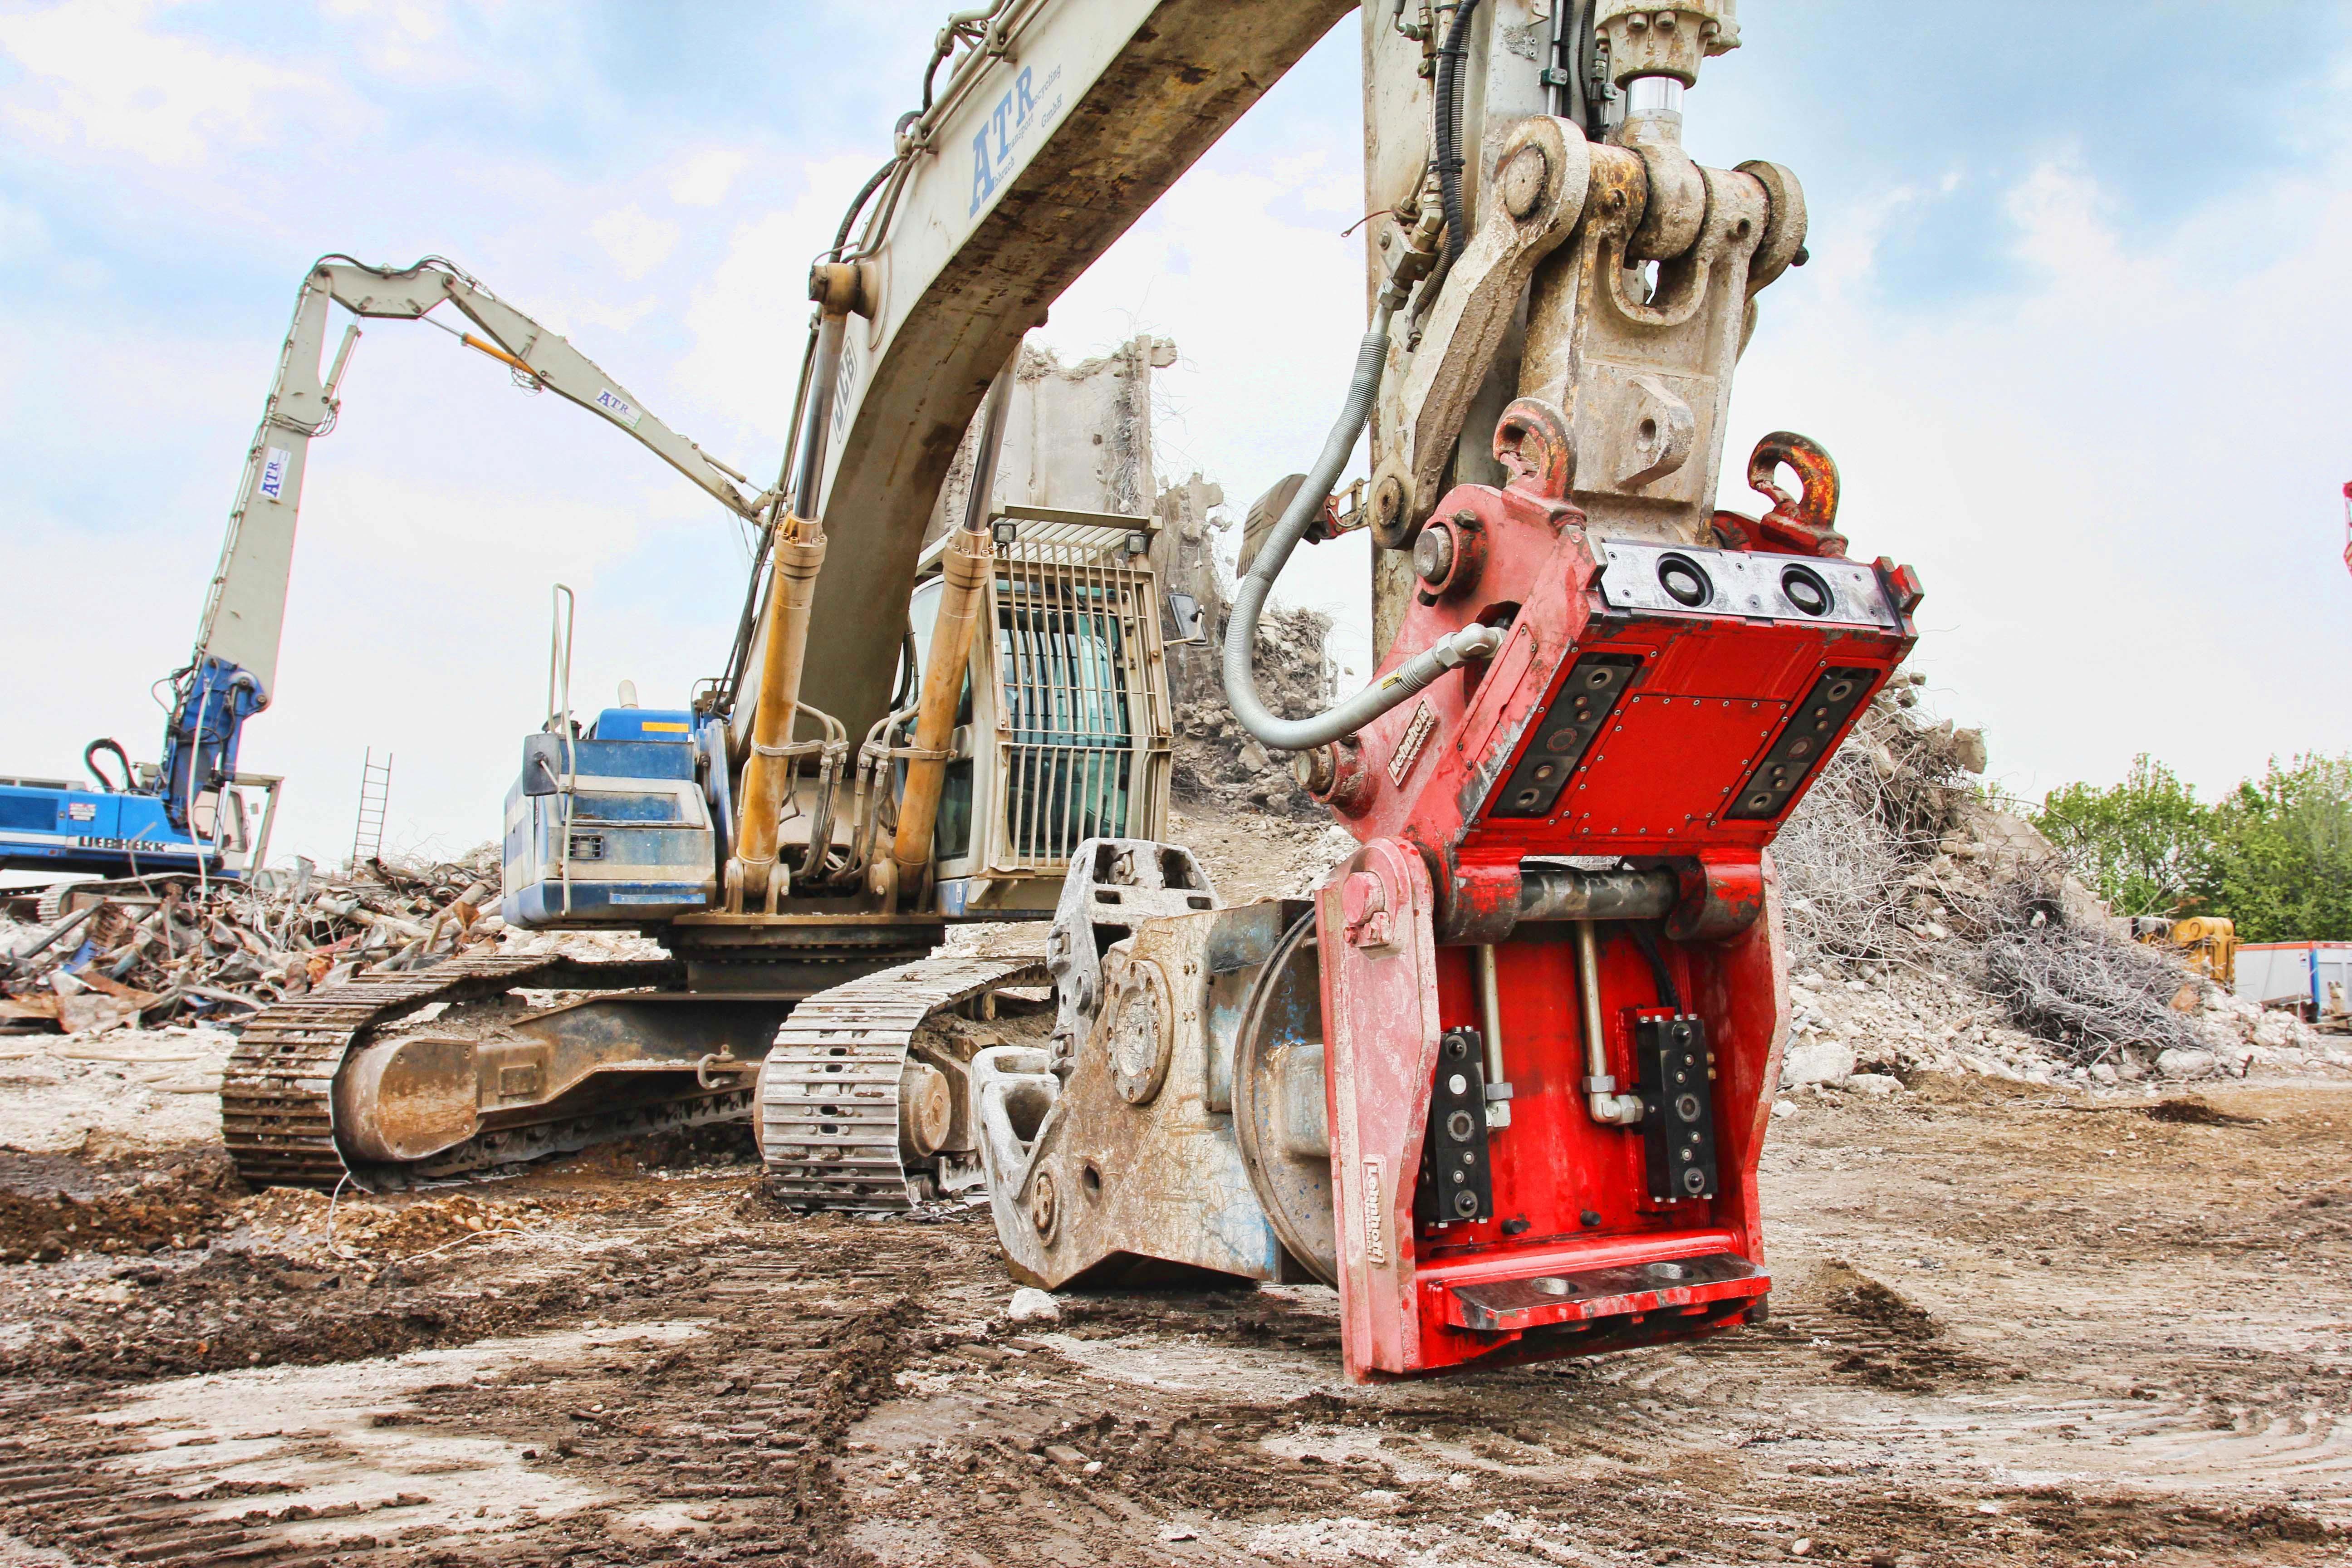 <p>De VL400 van Lehnhoff gemonteerd op een grote sloopmachine. Lehnhoff heeft systemen voor machines tot 130 ton.</p>